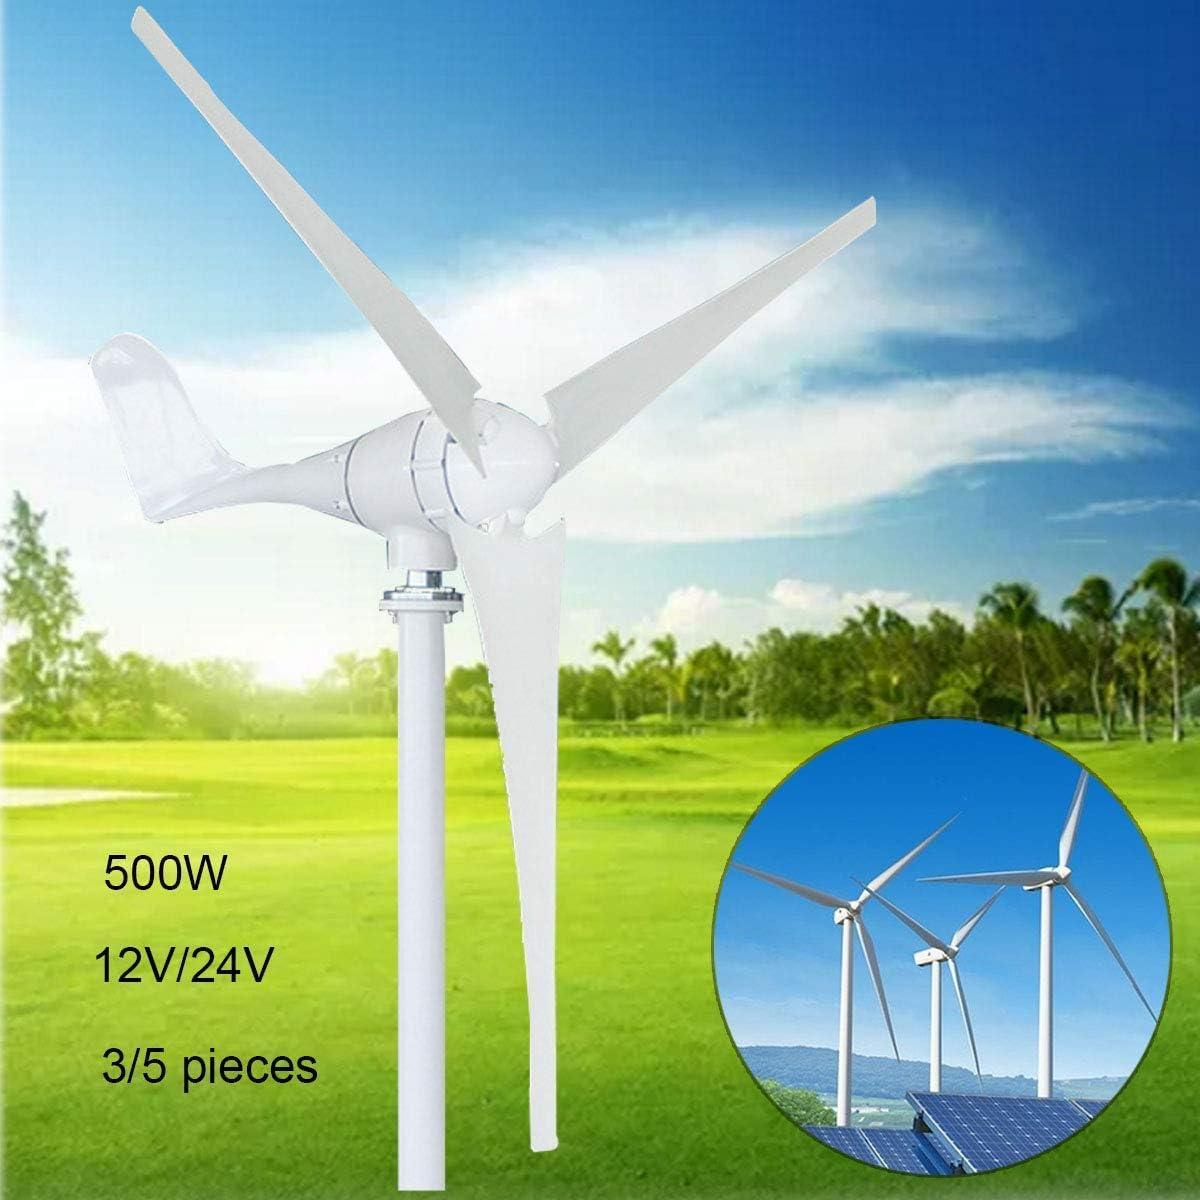 YUYUKUAILAI 12 Turbina / 24V 500W M2 Tipo 3 Hoja / 5 Leafcontroller para los hogares Marina Pequeño Horizontal de Viento del Eje del Viento,24V